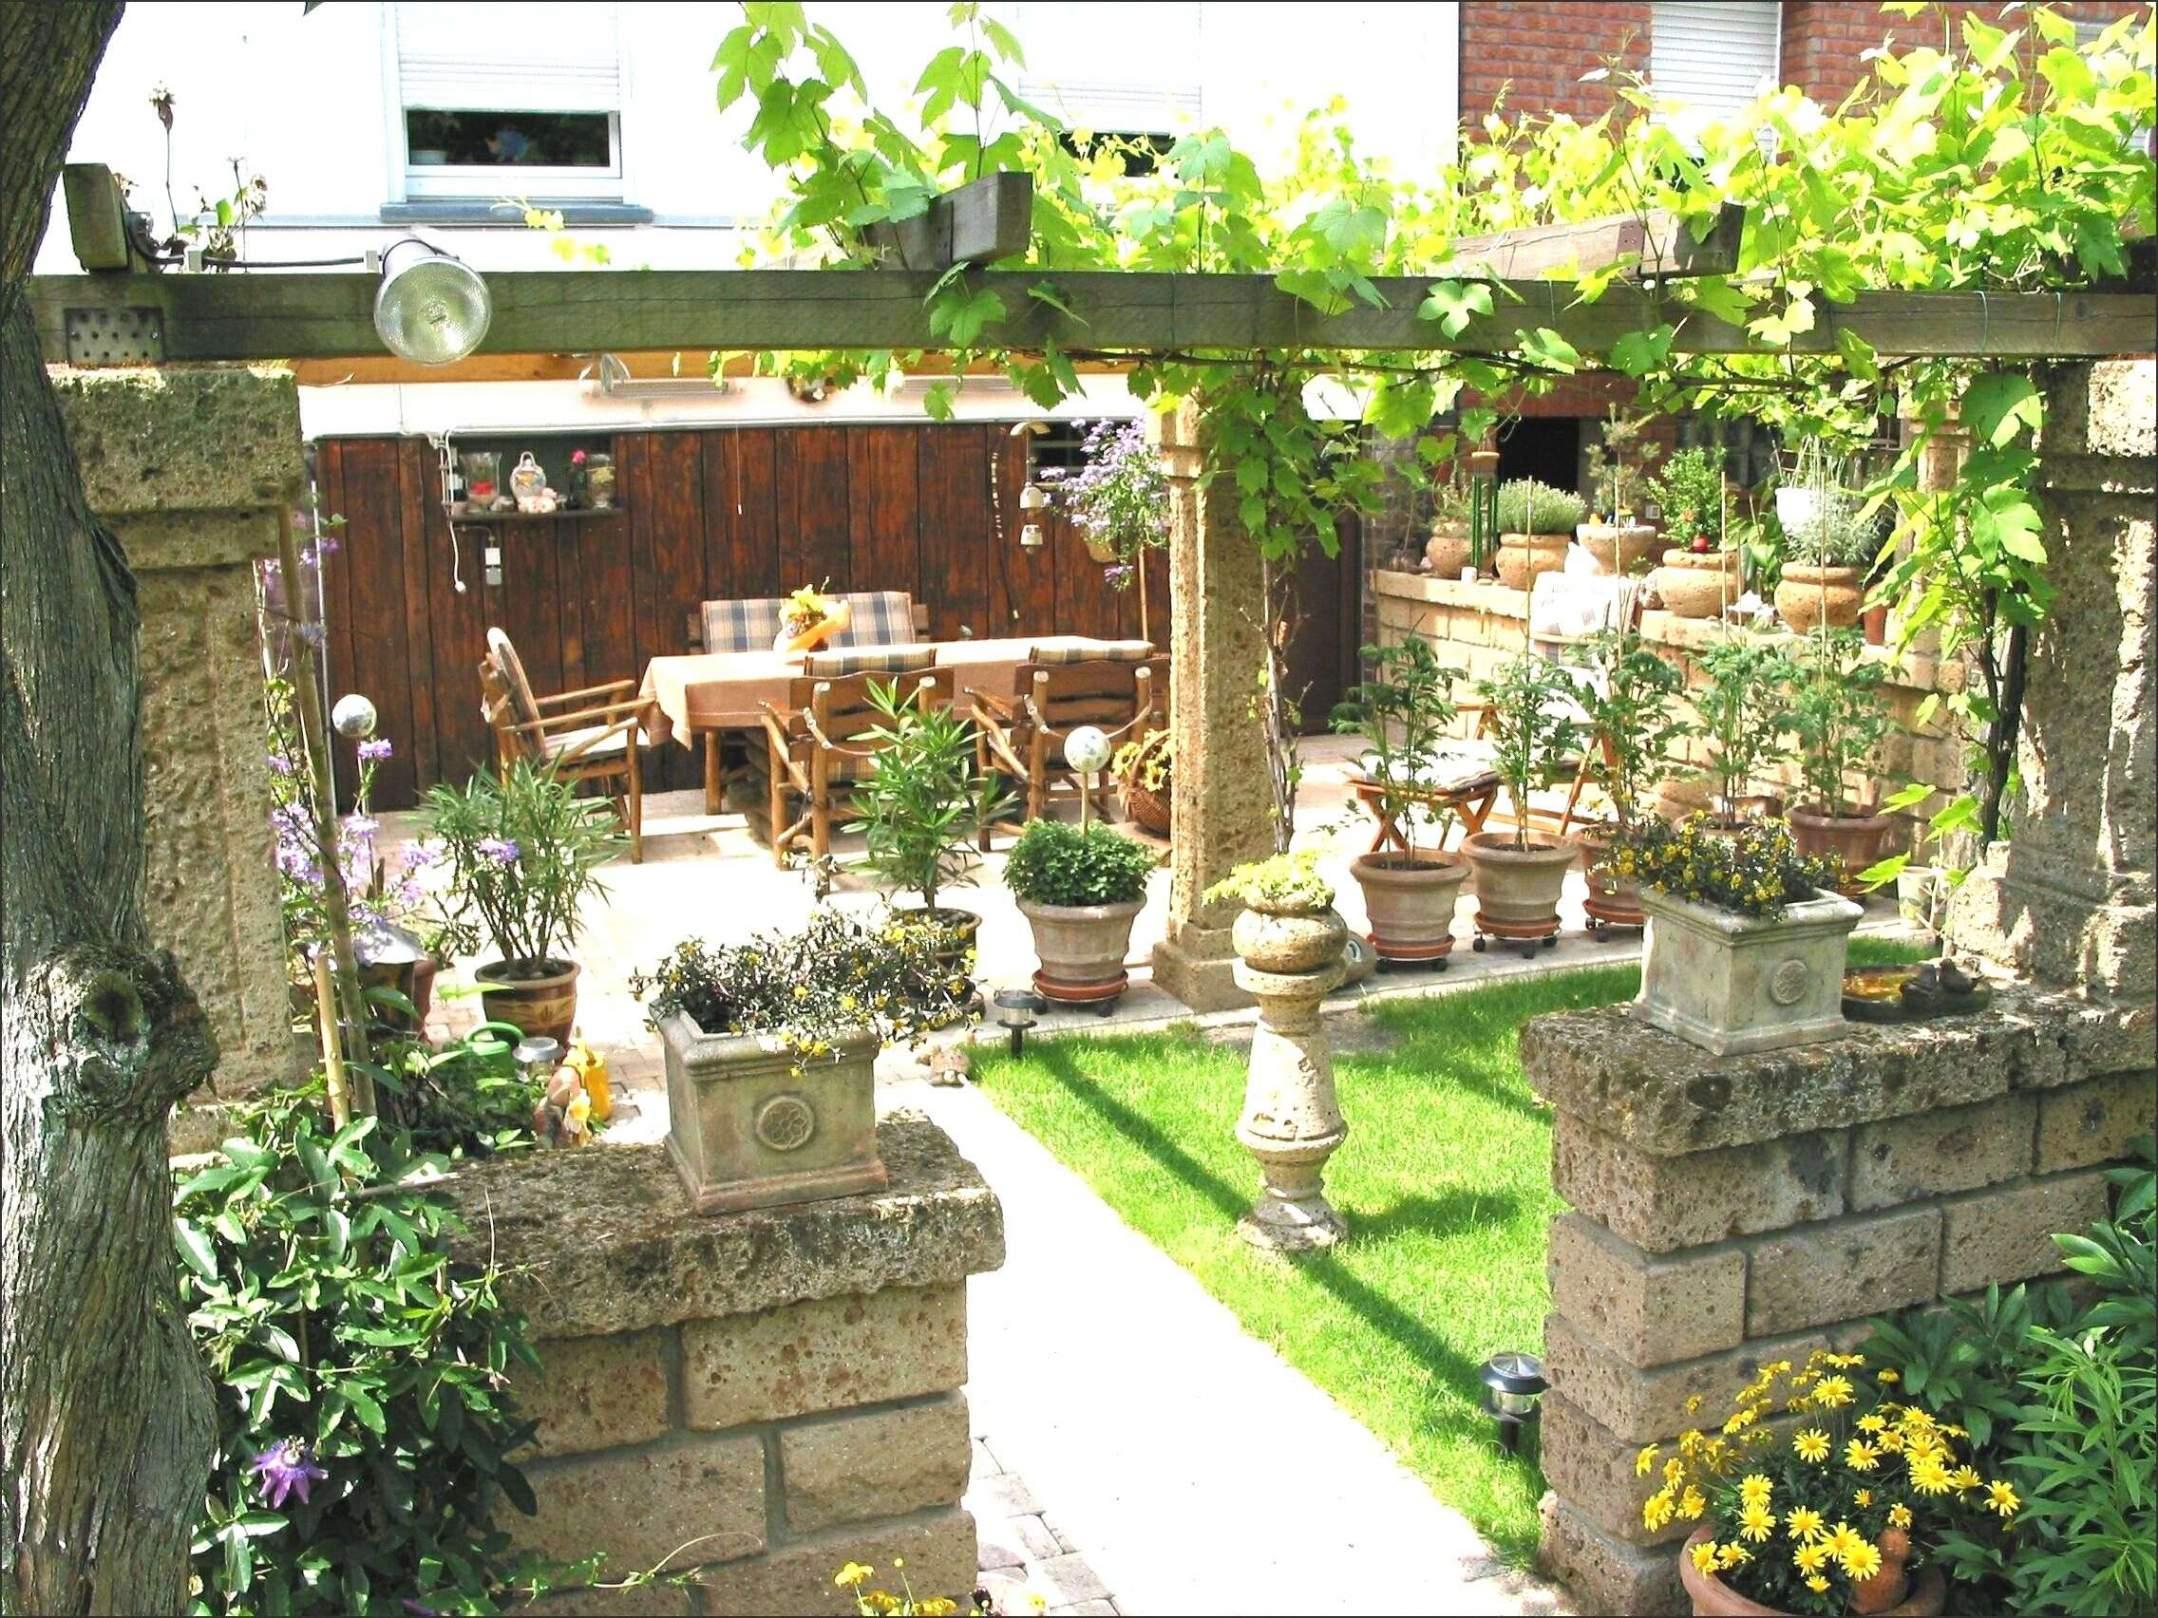 37 frisch kleinen garten gestalten vorher nachher kleiner reihenhausgarten gestalten kleiner reihenhausgarten gestalten 1